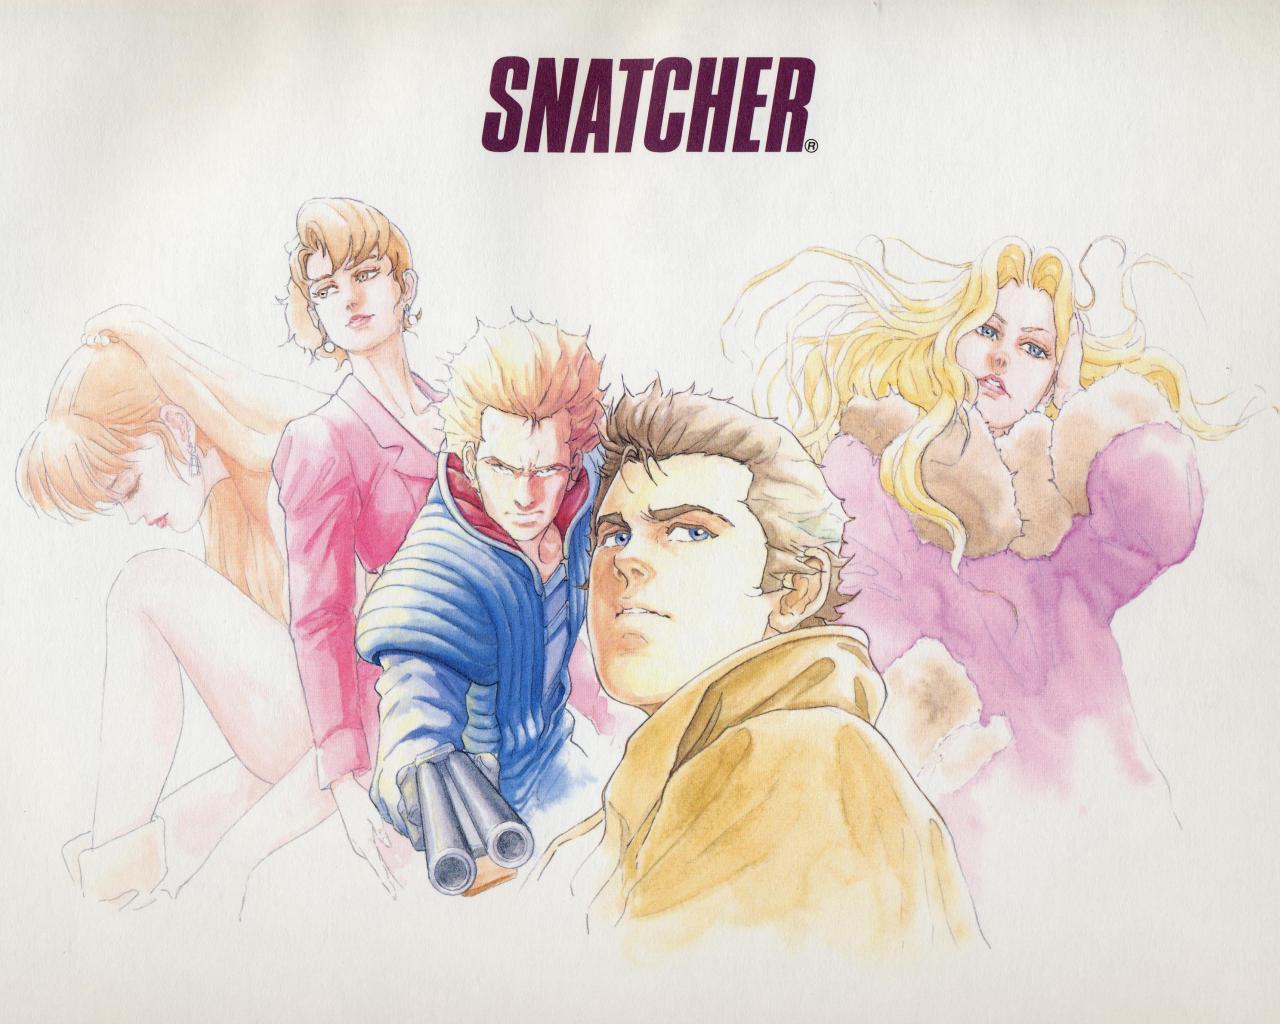 Snatcher Cast 1280x1024